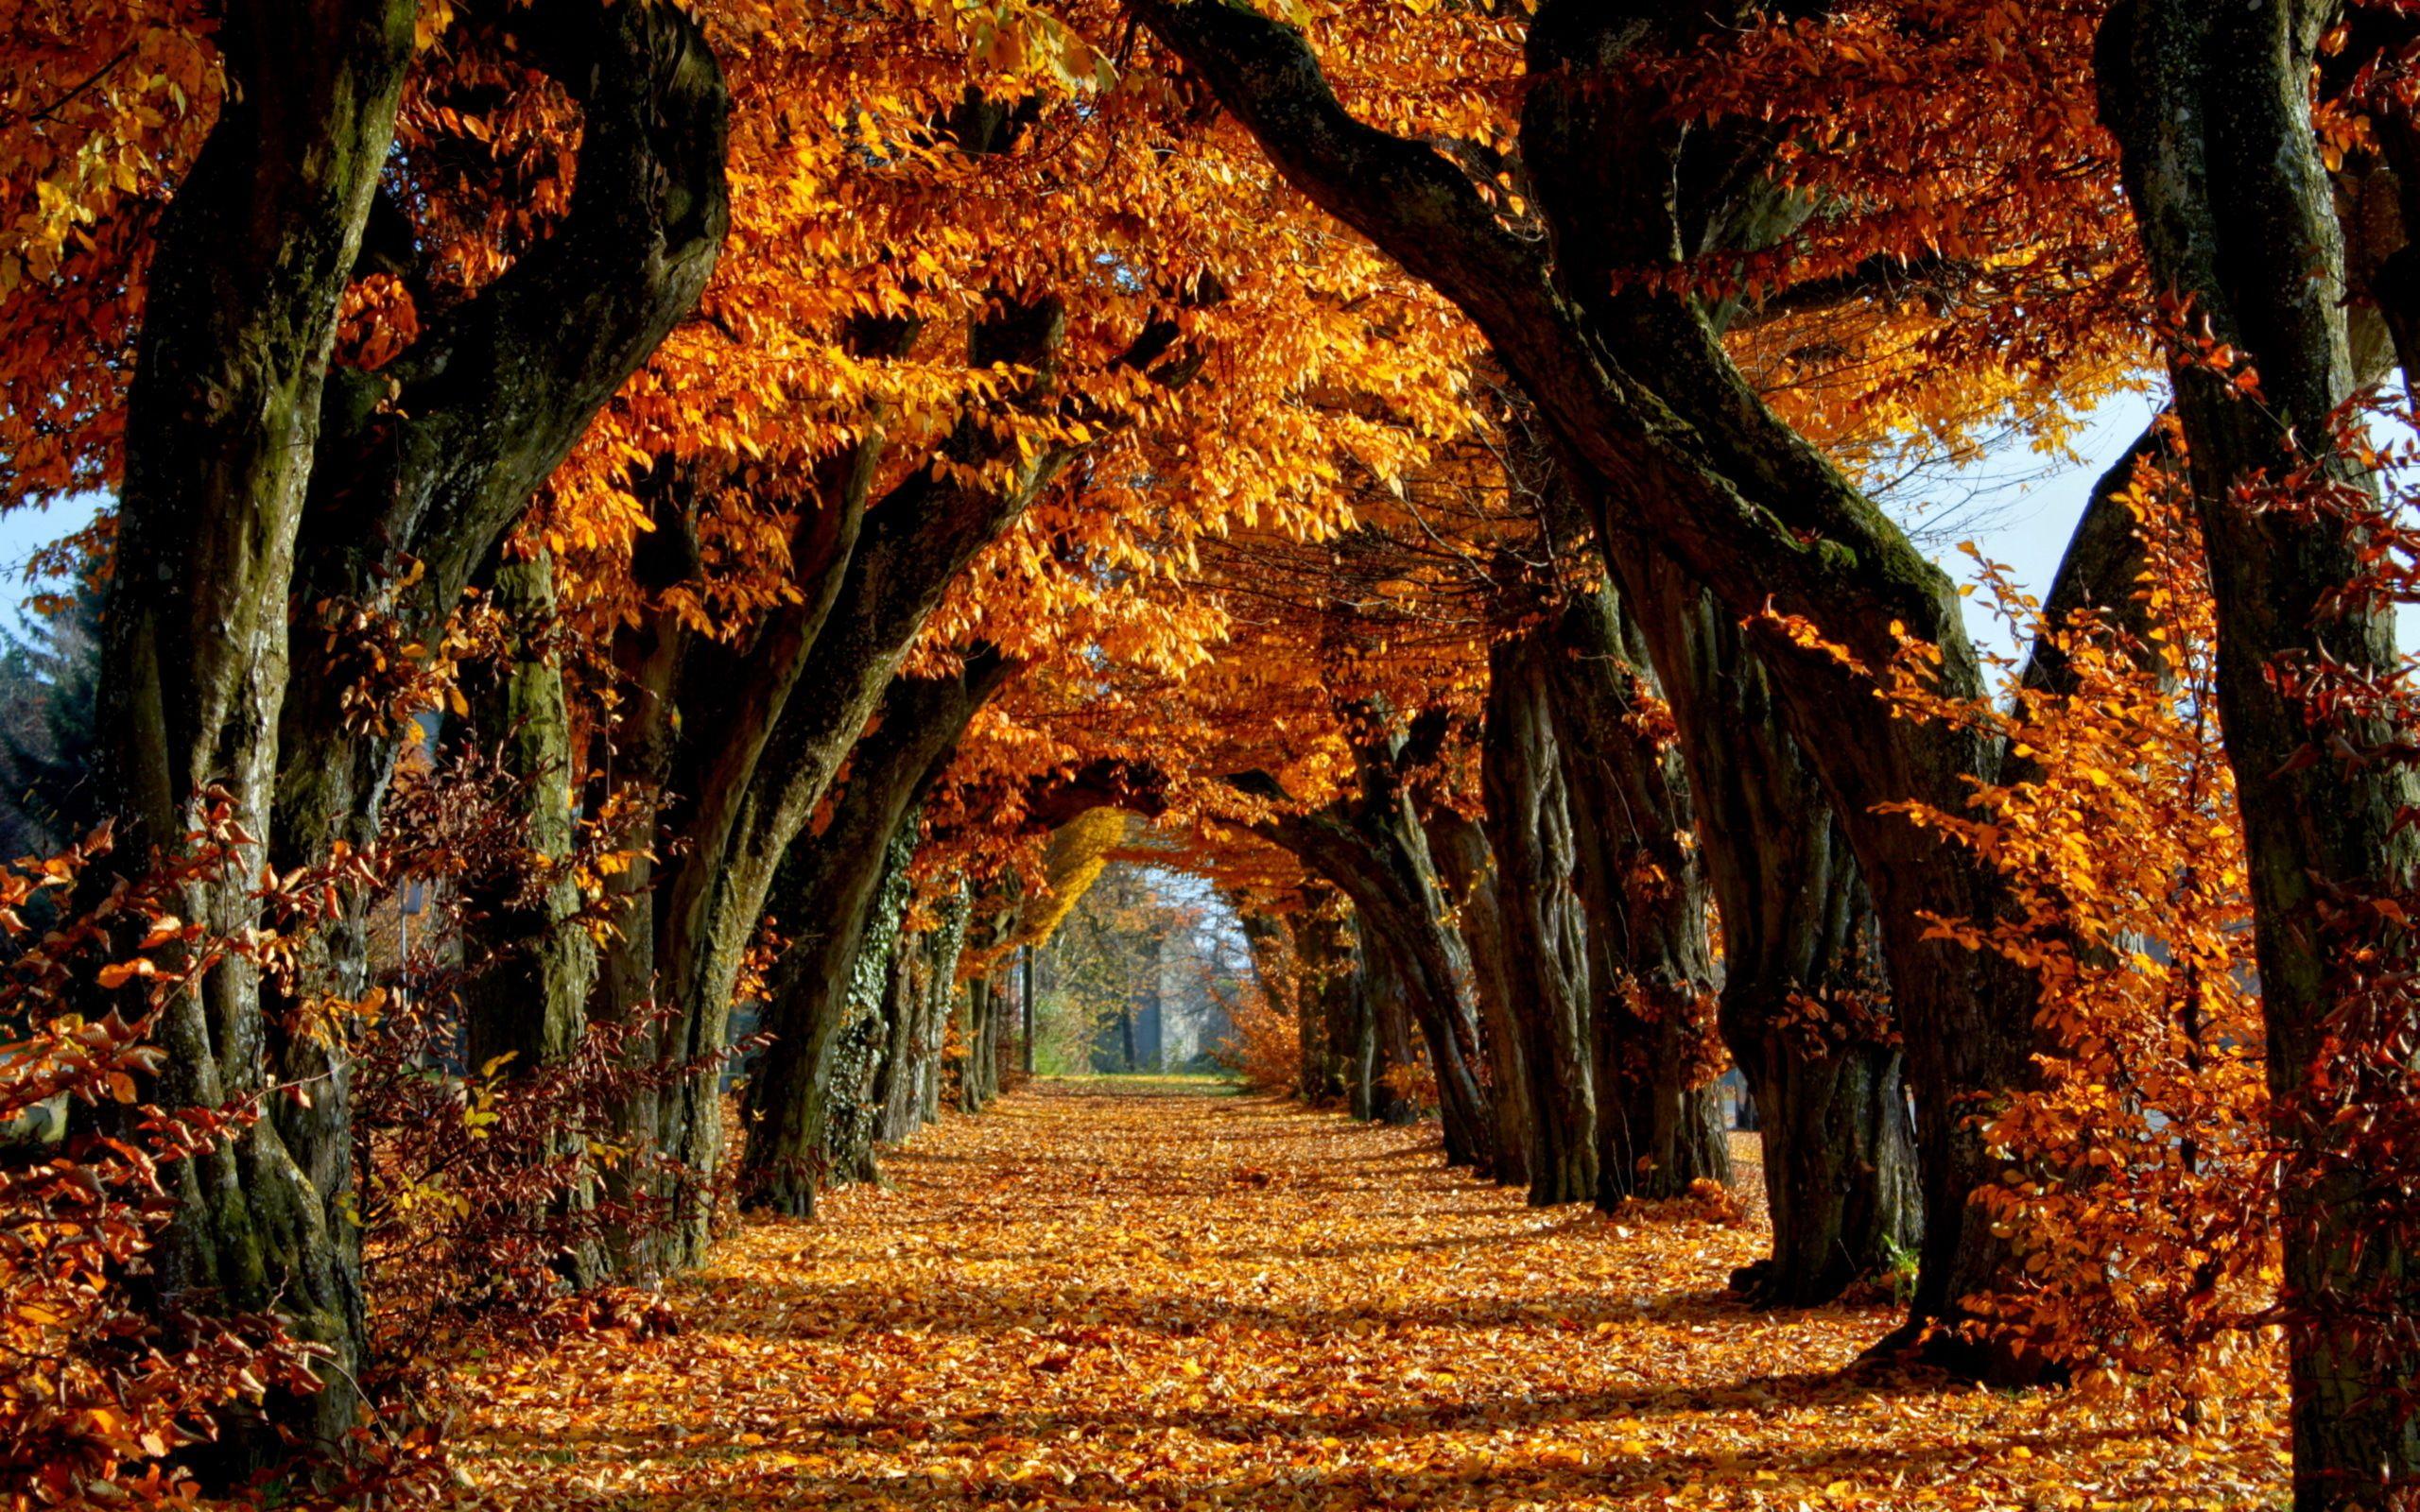 Autumn Autumn Scenery Autumn Wallpaper Hd Scenery Wallpaper